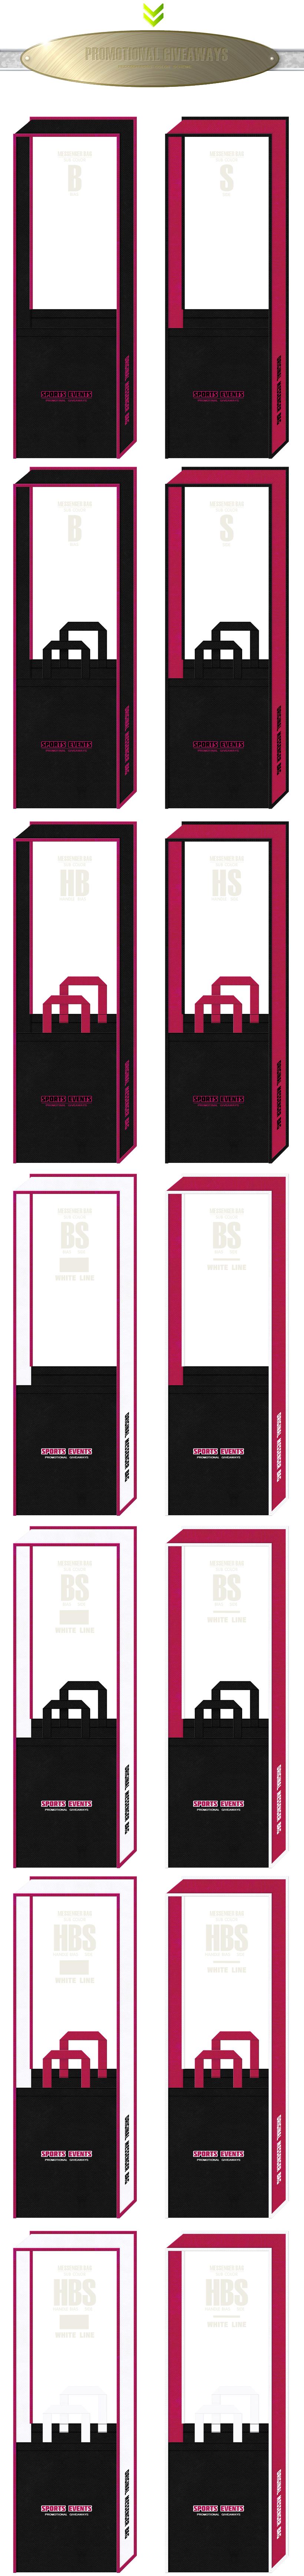 黒色と濃いピンク色をメインに使用した、不織布メッセンジャーバッグのカラーシミュレーション:スポーツイベントのノベルティ